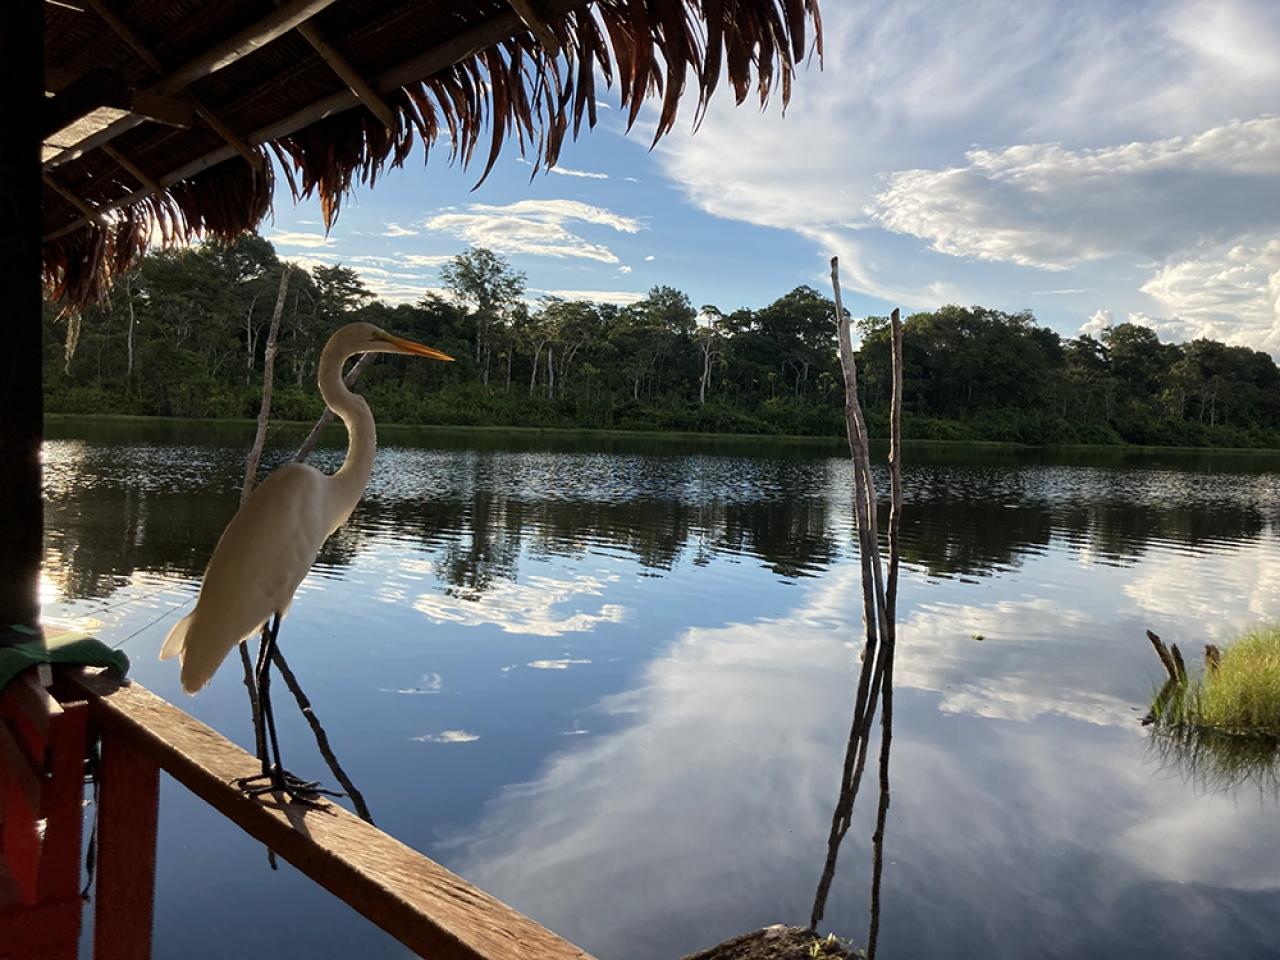 SOS Amazonas, la llamada a salvar la selva tropical más grande del mundo